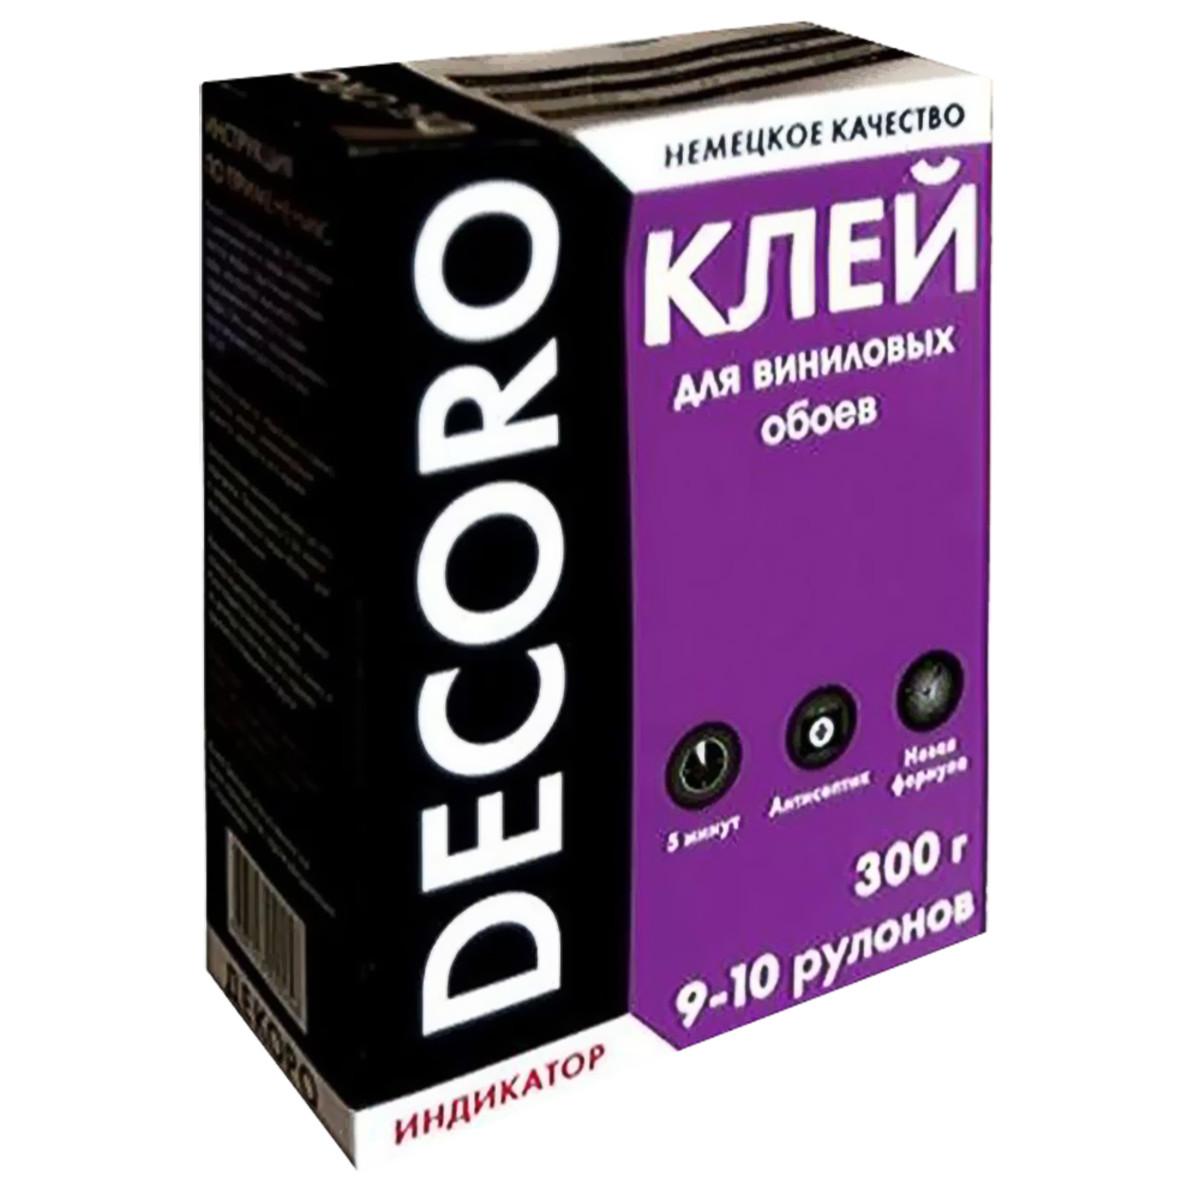 Клей для виниловых обоев Decoro 110-300 50 м²